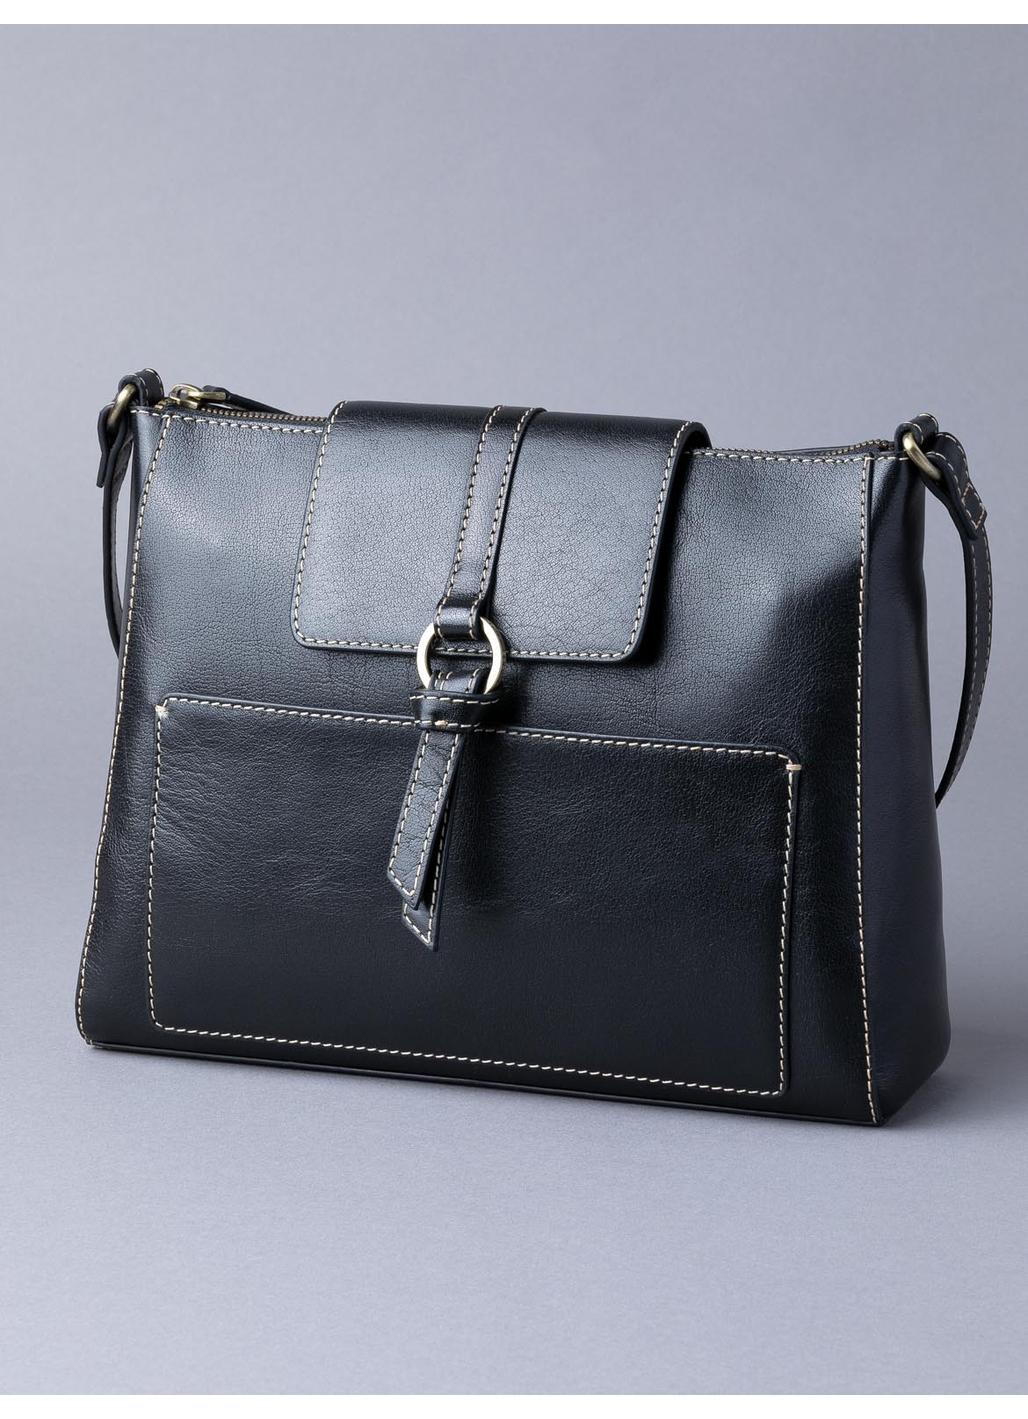 Birthwaite Leather Shoulder Bag in Black